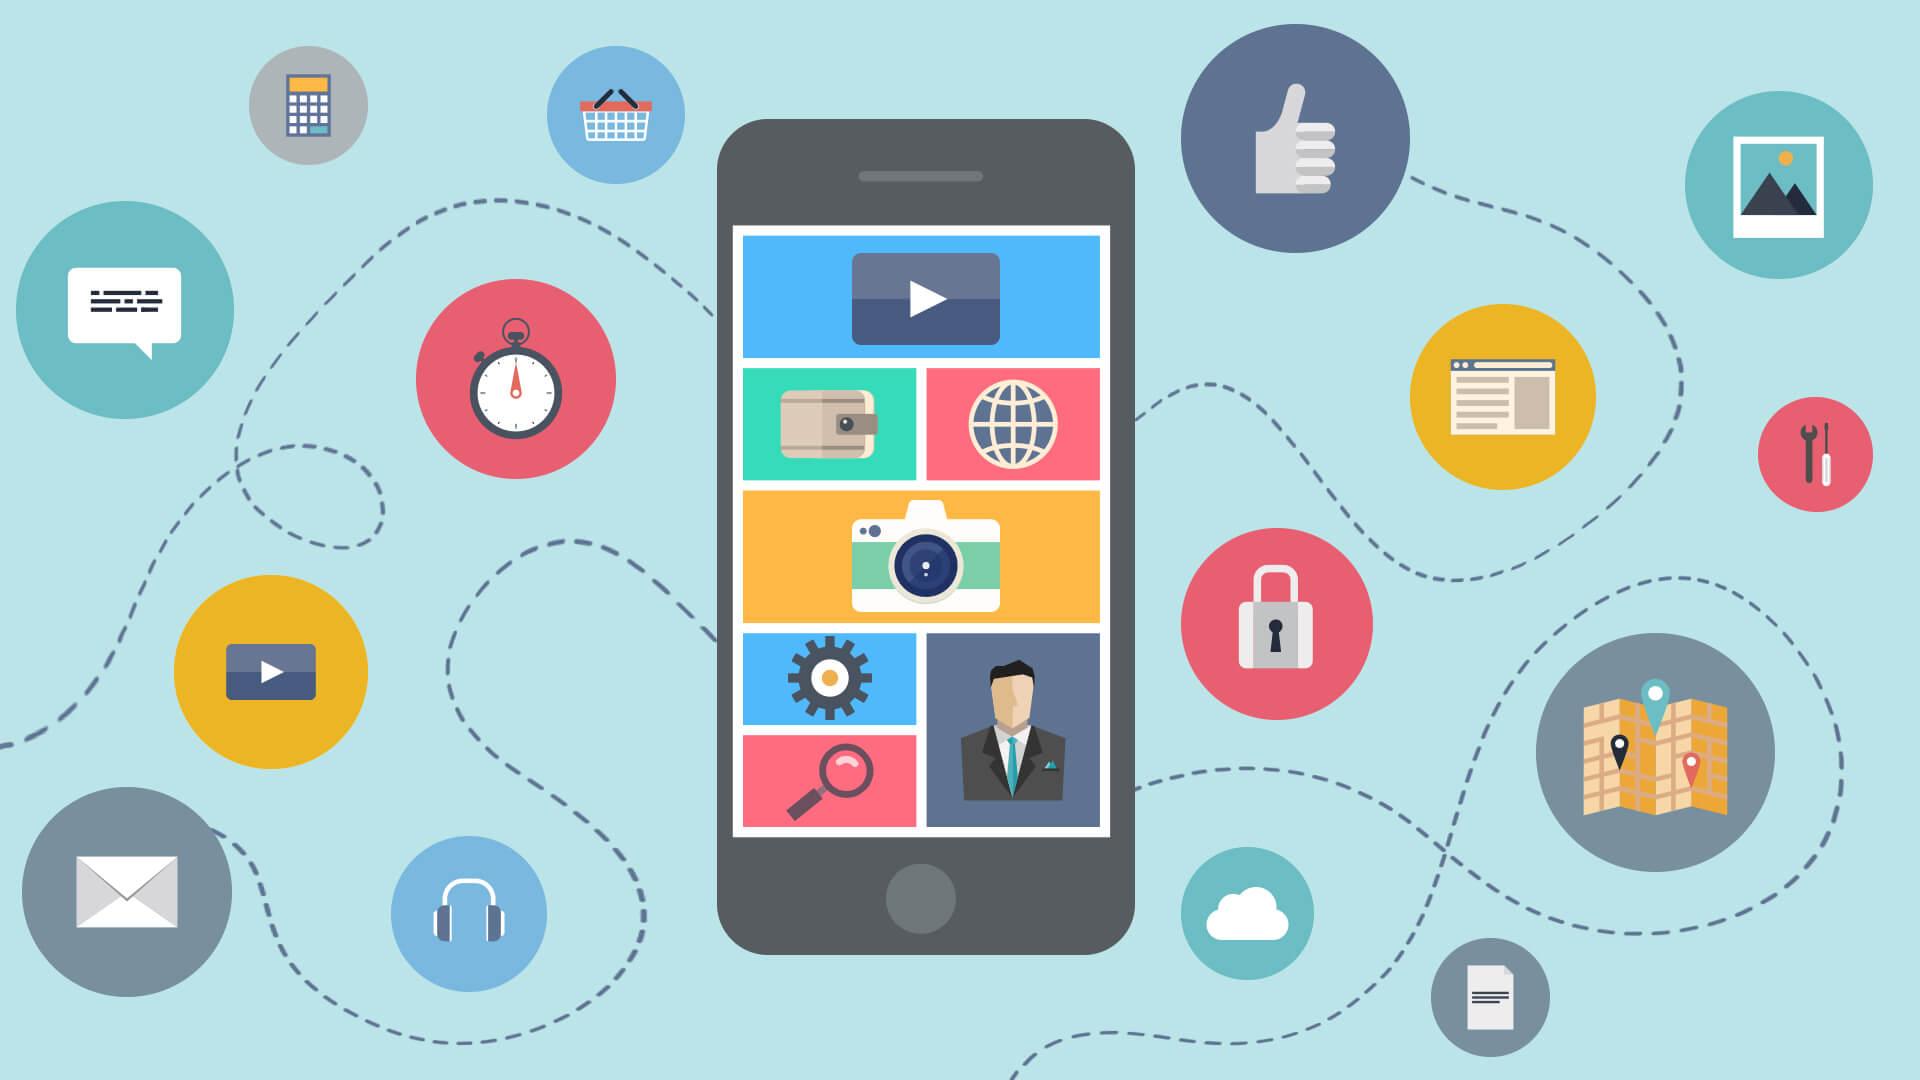 Top 10 Mobile App Design Trends